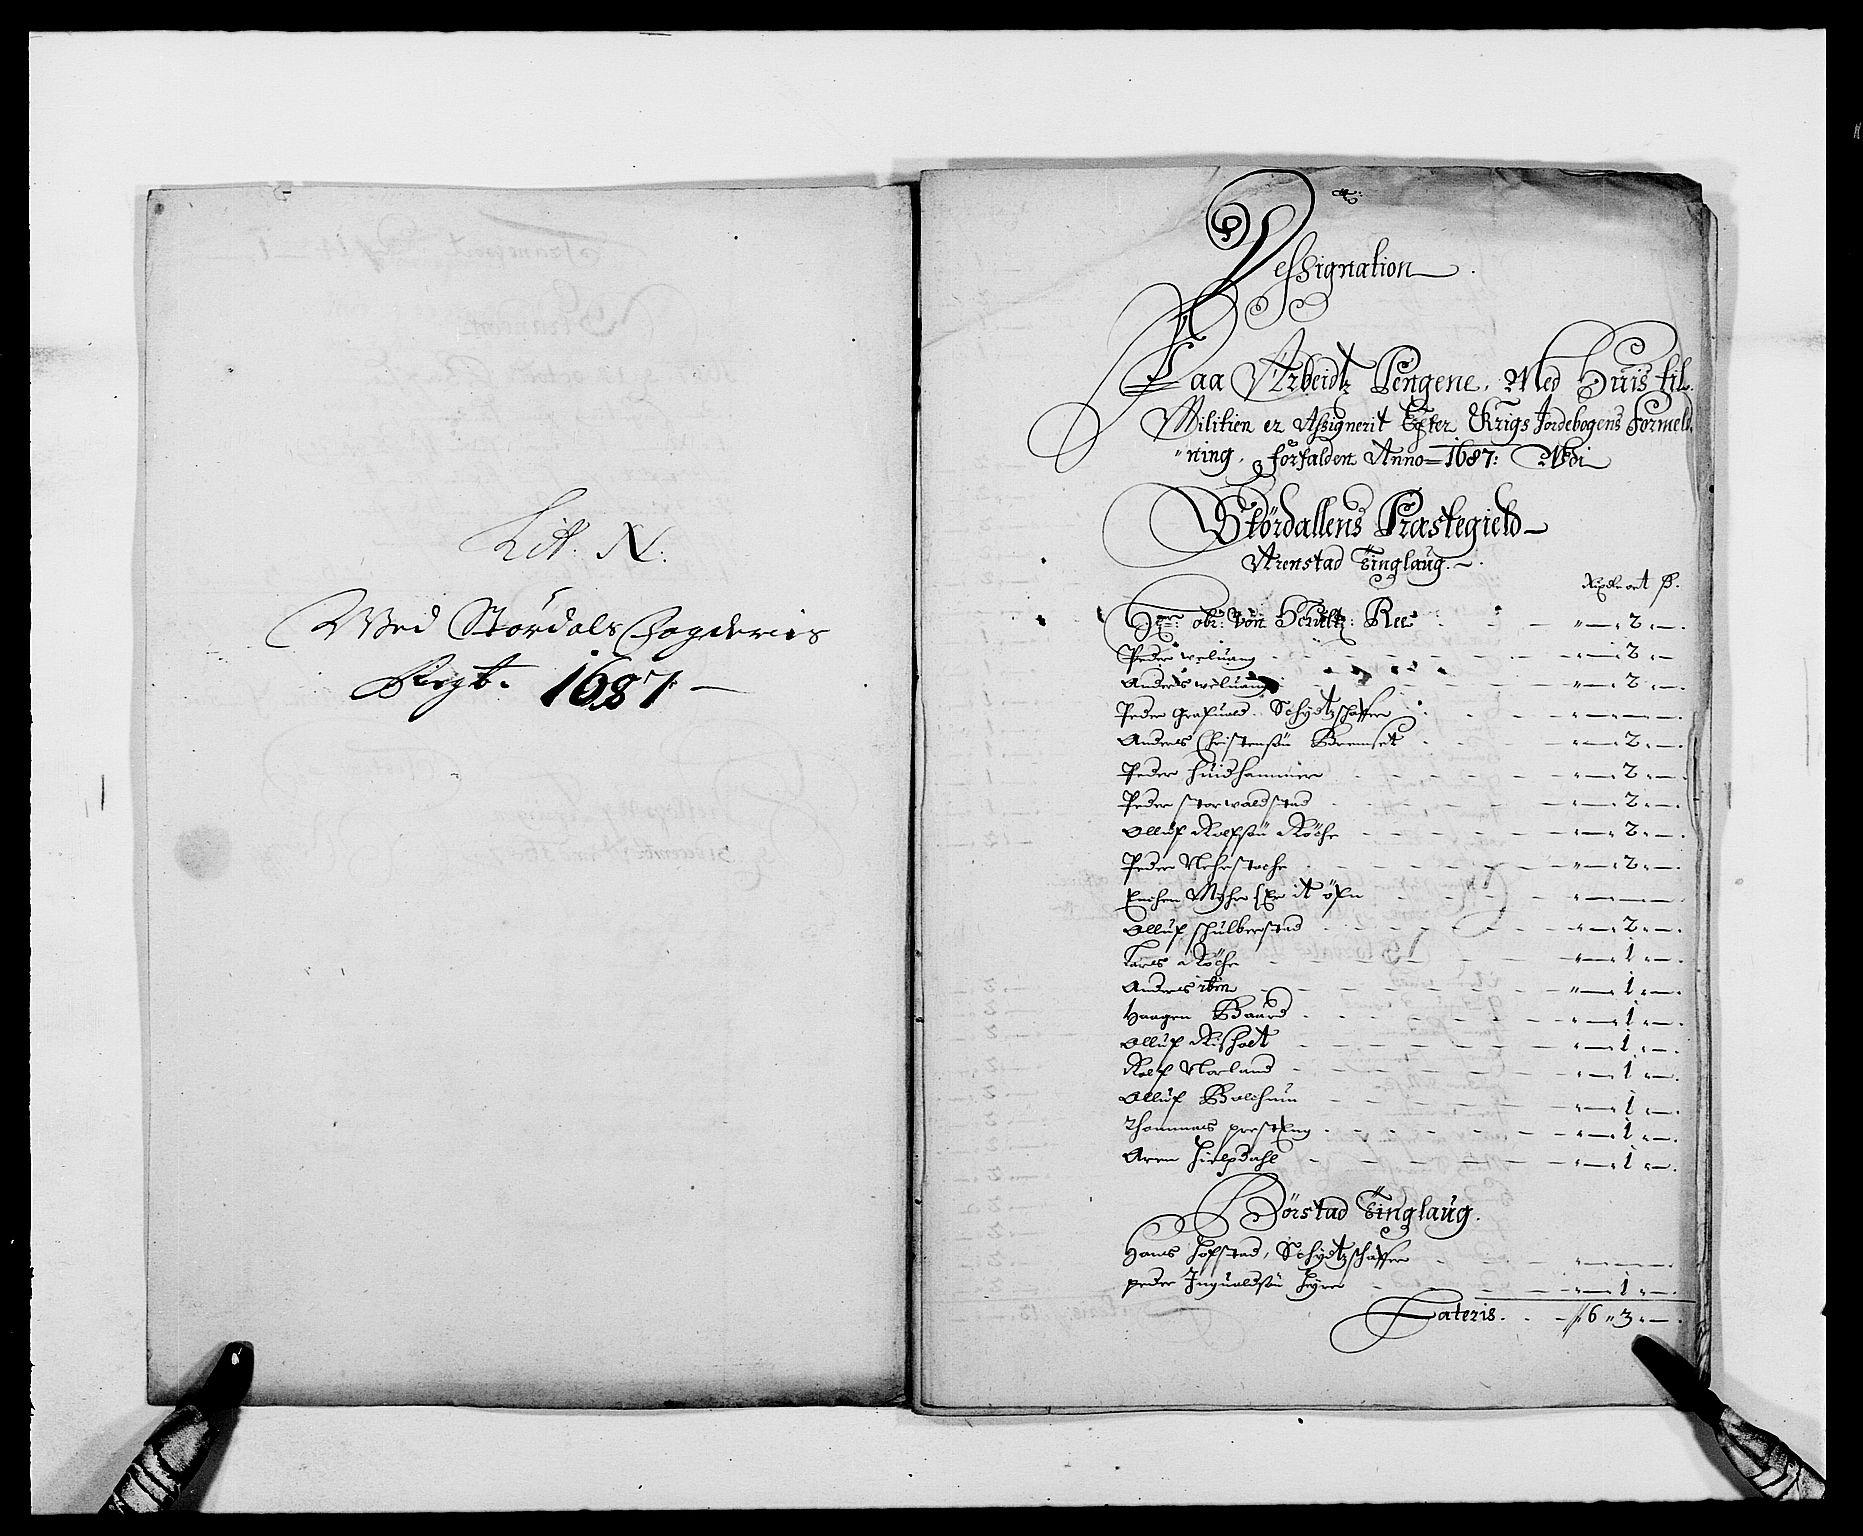 RA, Rentekammeret inntil 1814, Reviderte regnskaper, Fogderegnskap, R62/L4183: Fogderegnskap Stjørdal og Verdal, 1687-1689, s. 98